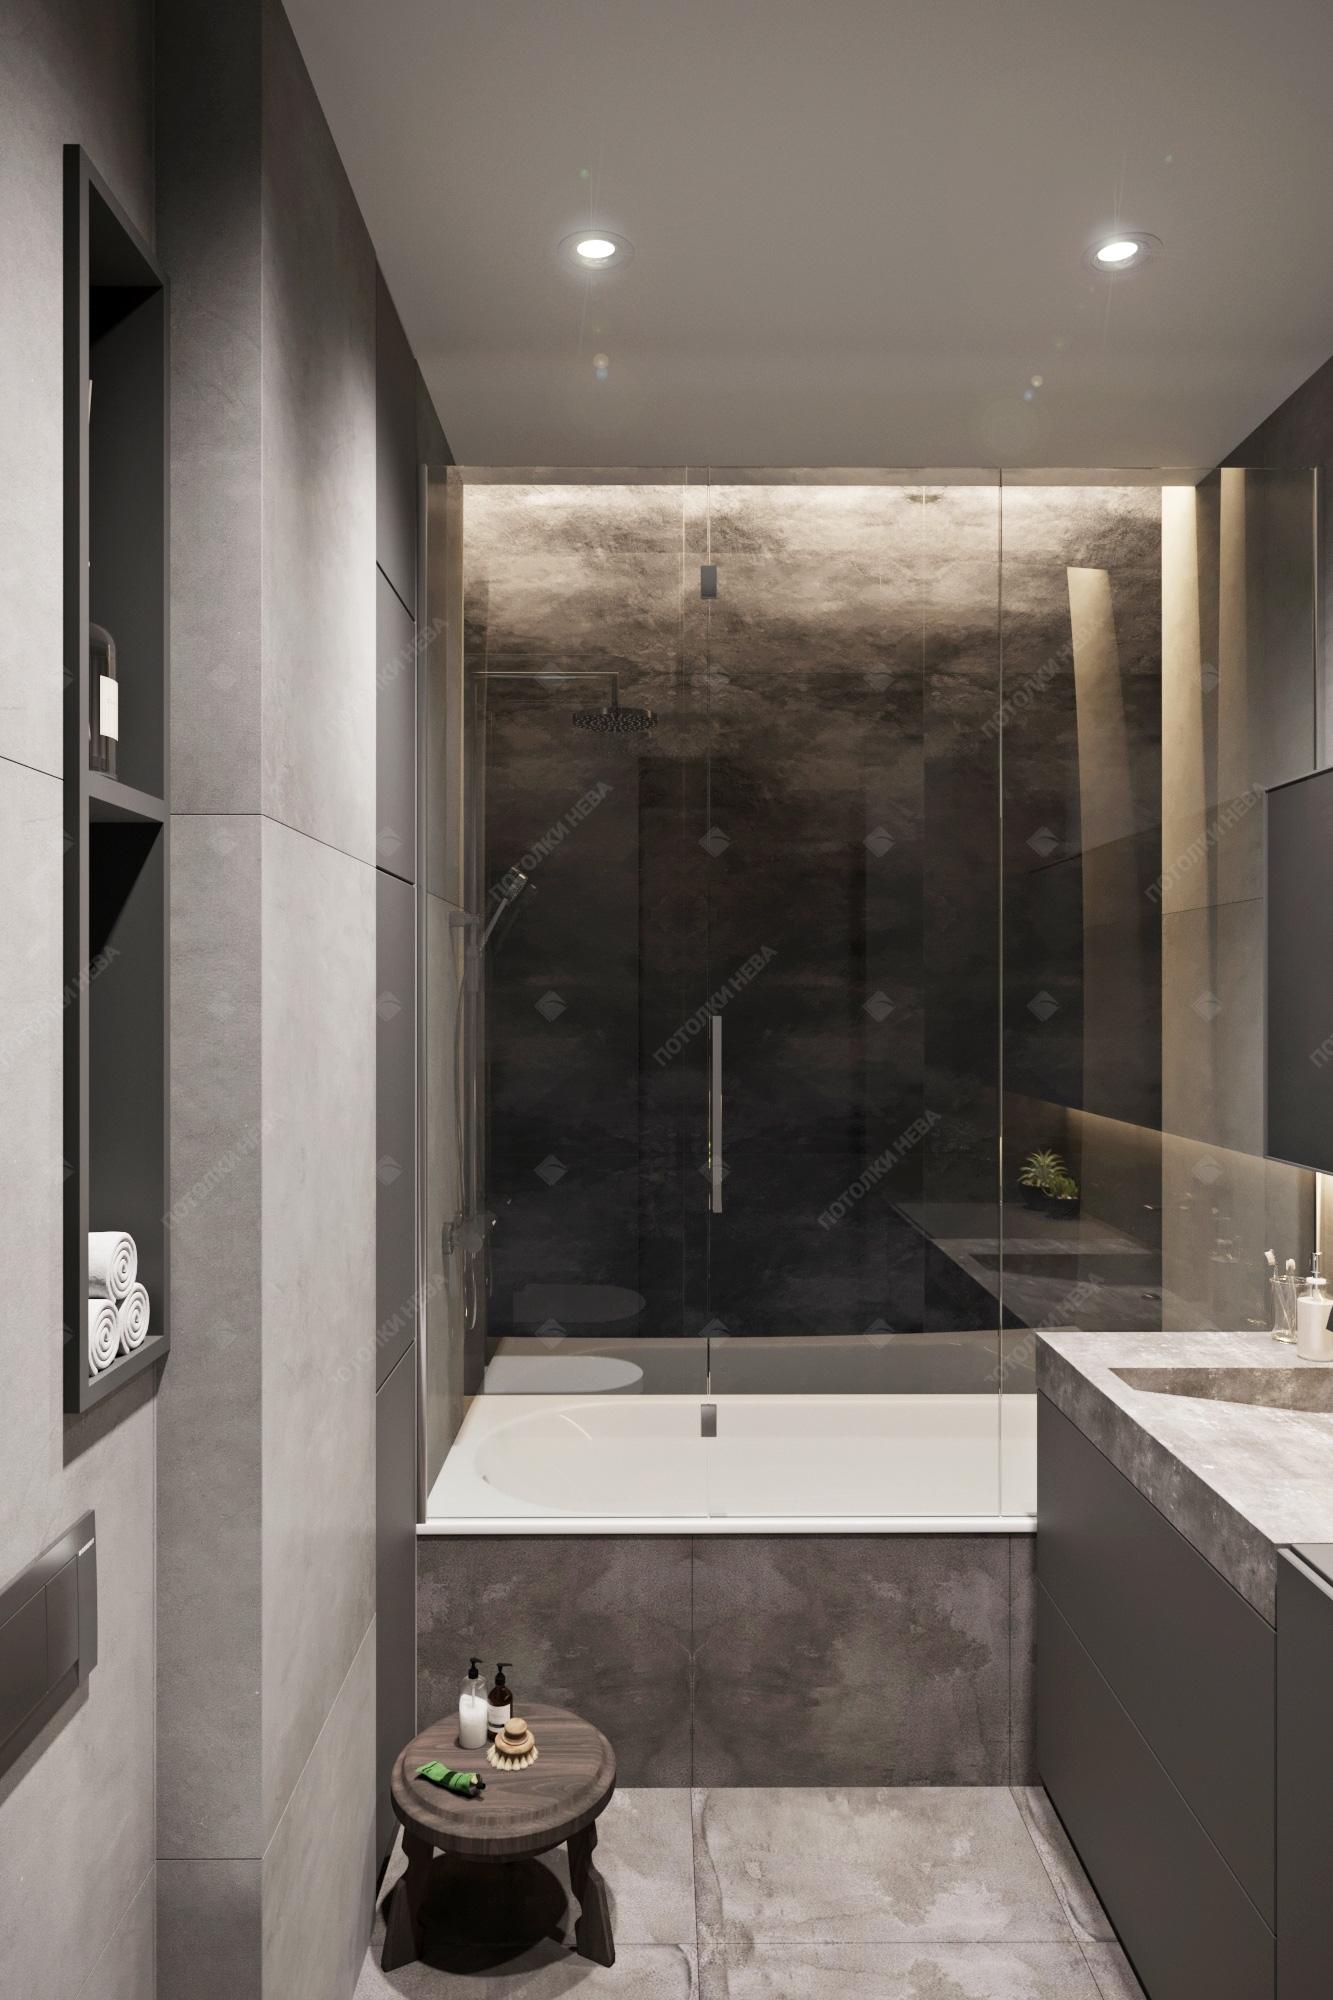 Глянцевый потолок со светодиодами в ванной